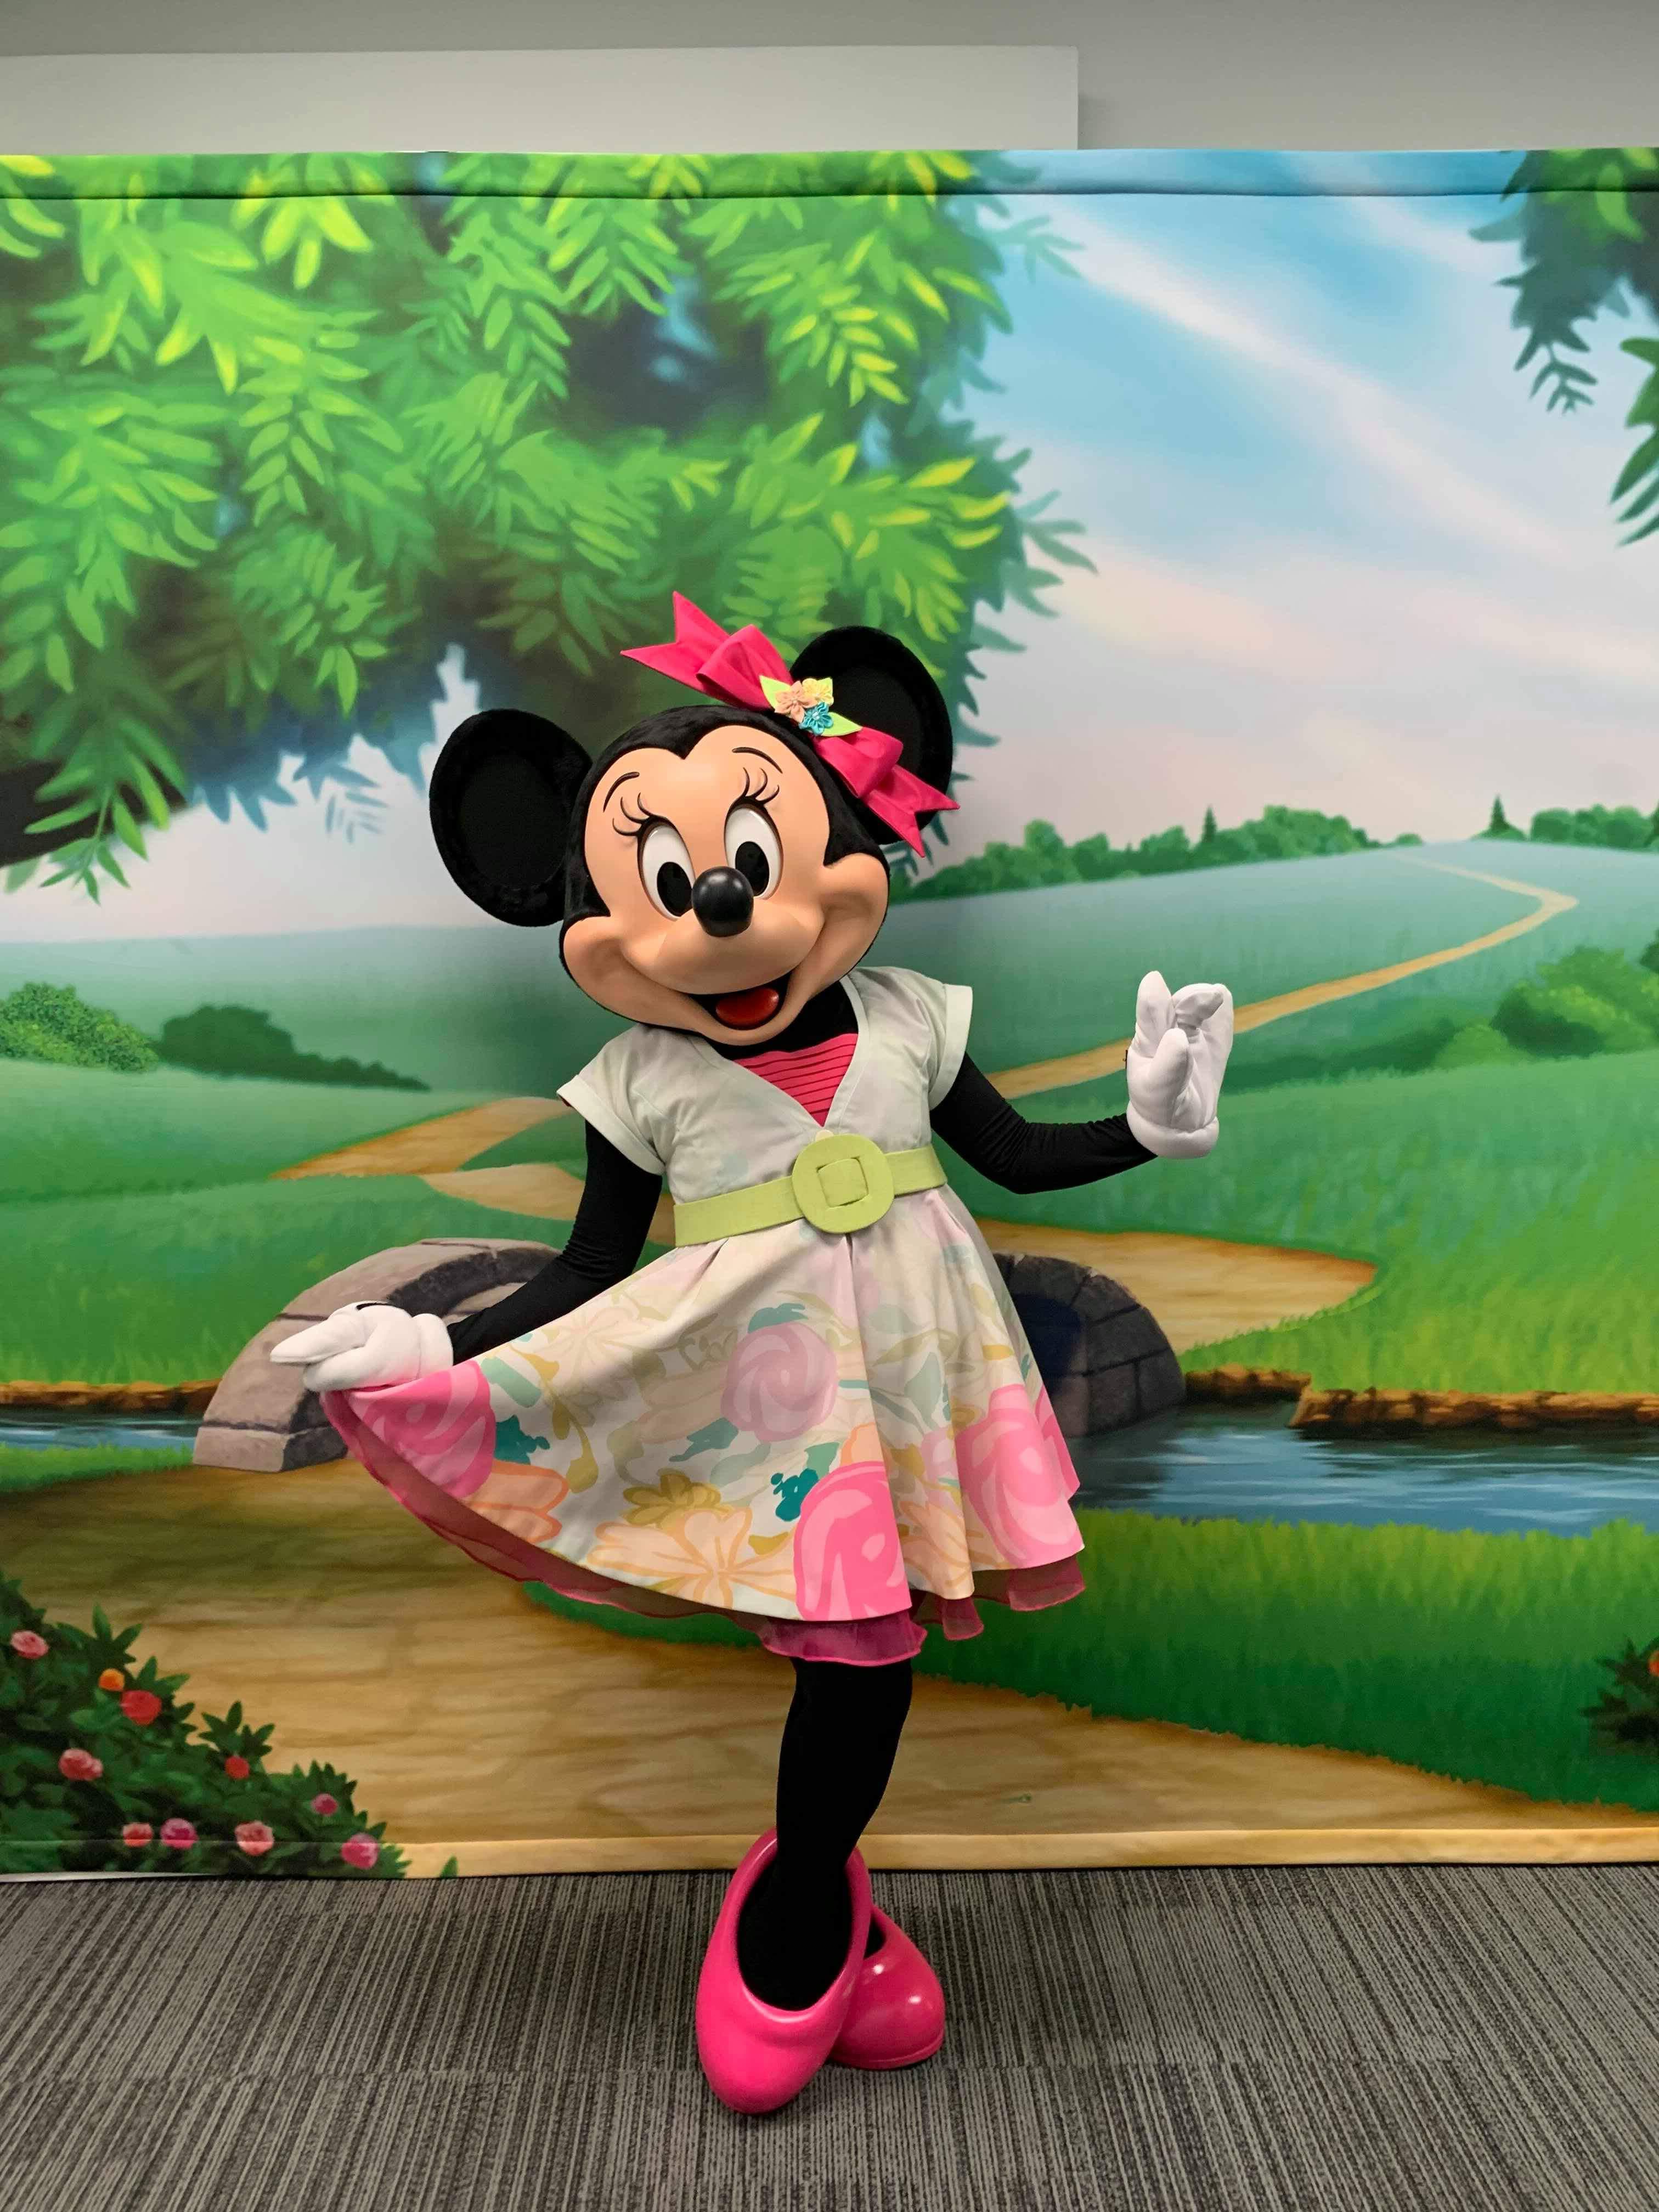 No Jacket Minnie